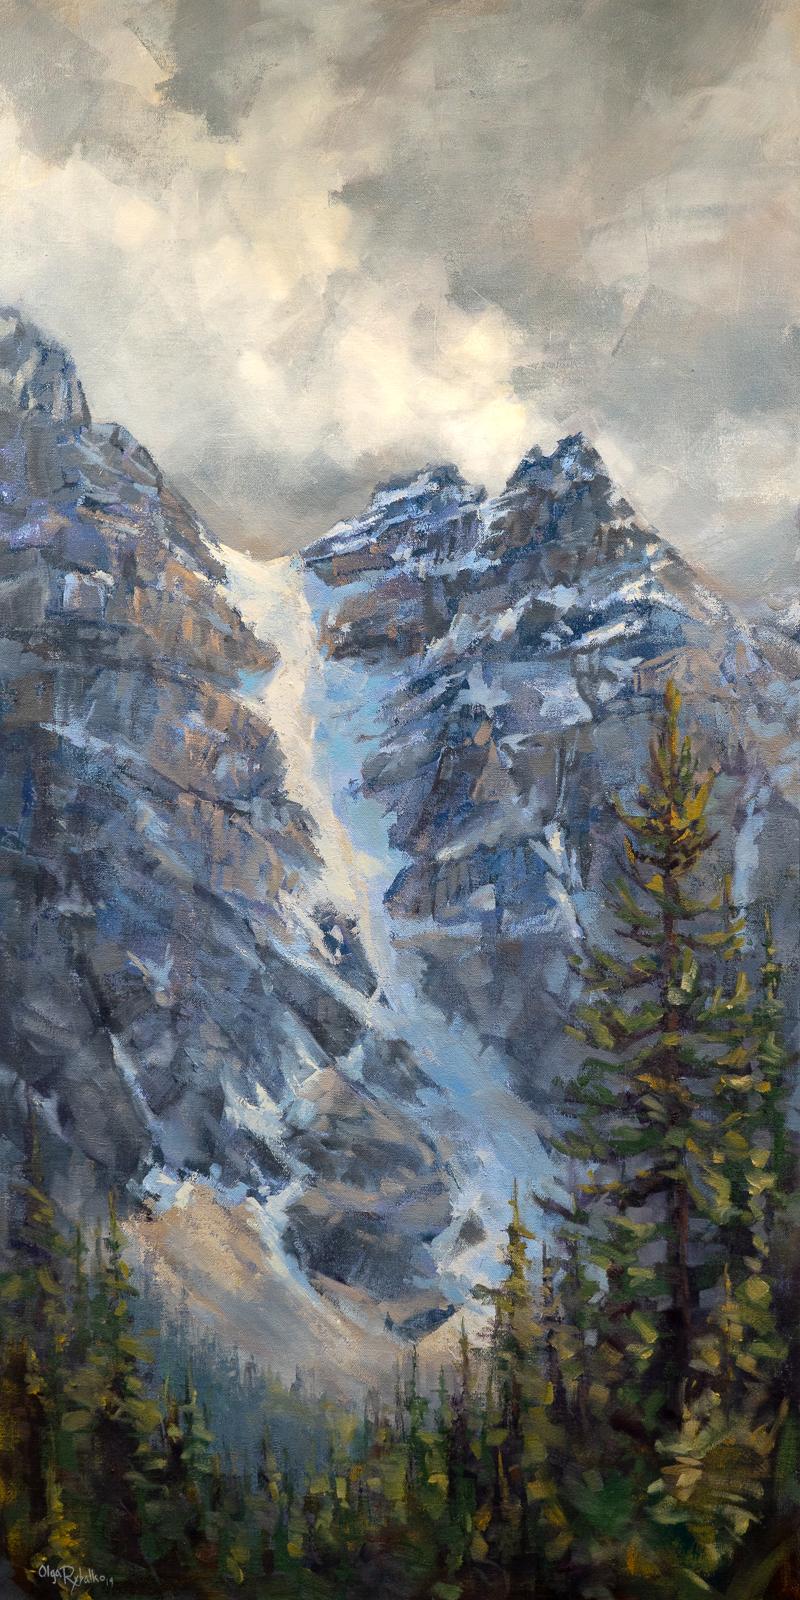 olga rybalko landscape painting banff jasper blue altitudes